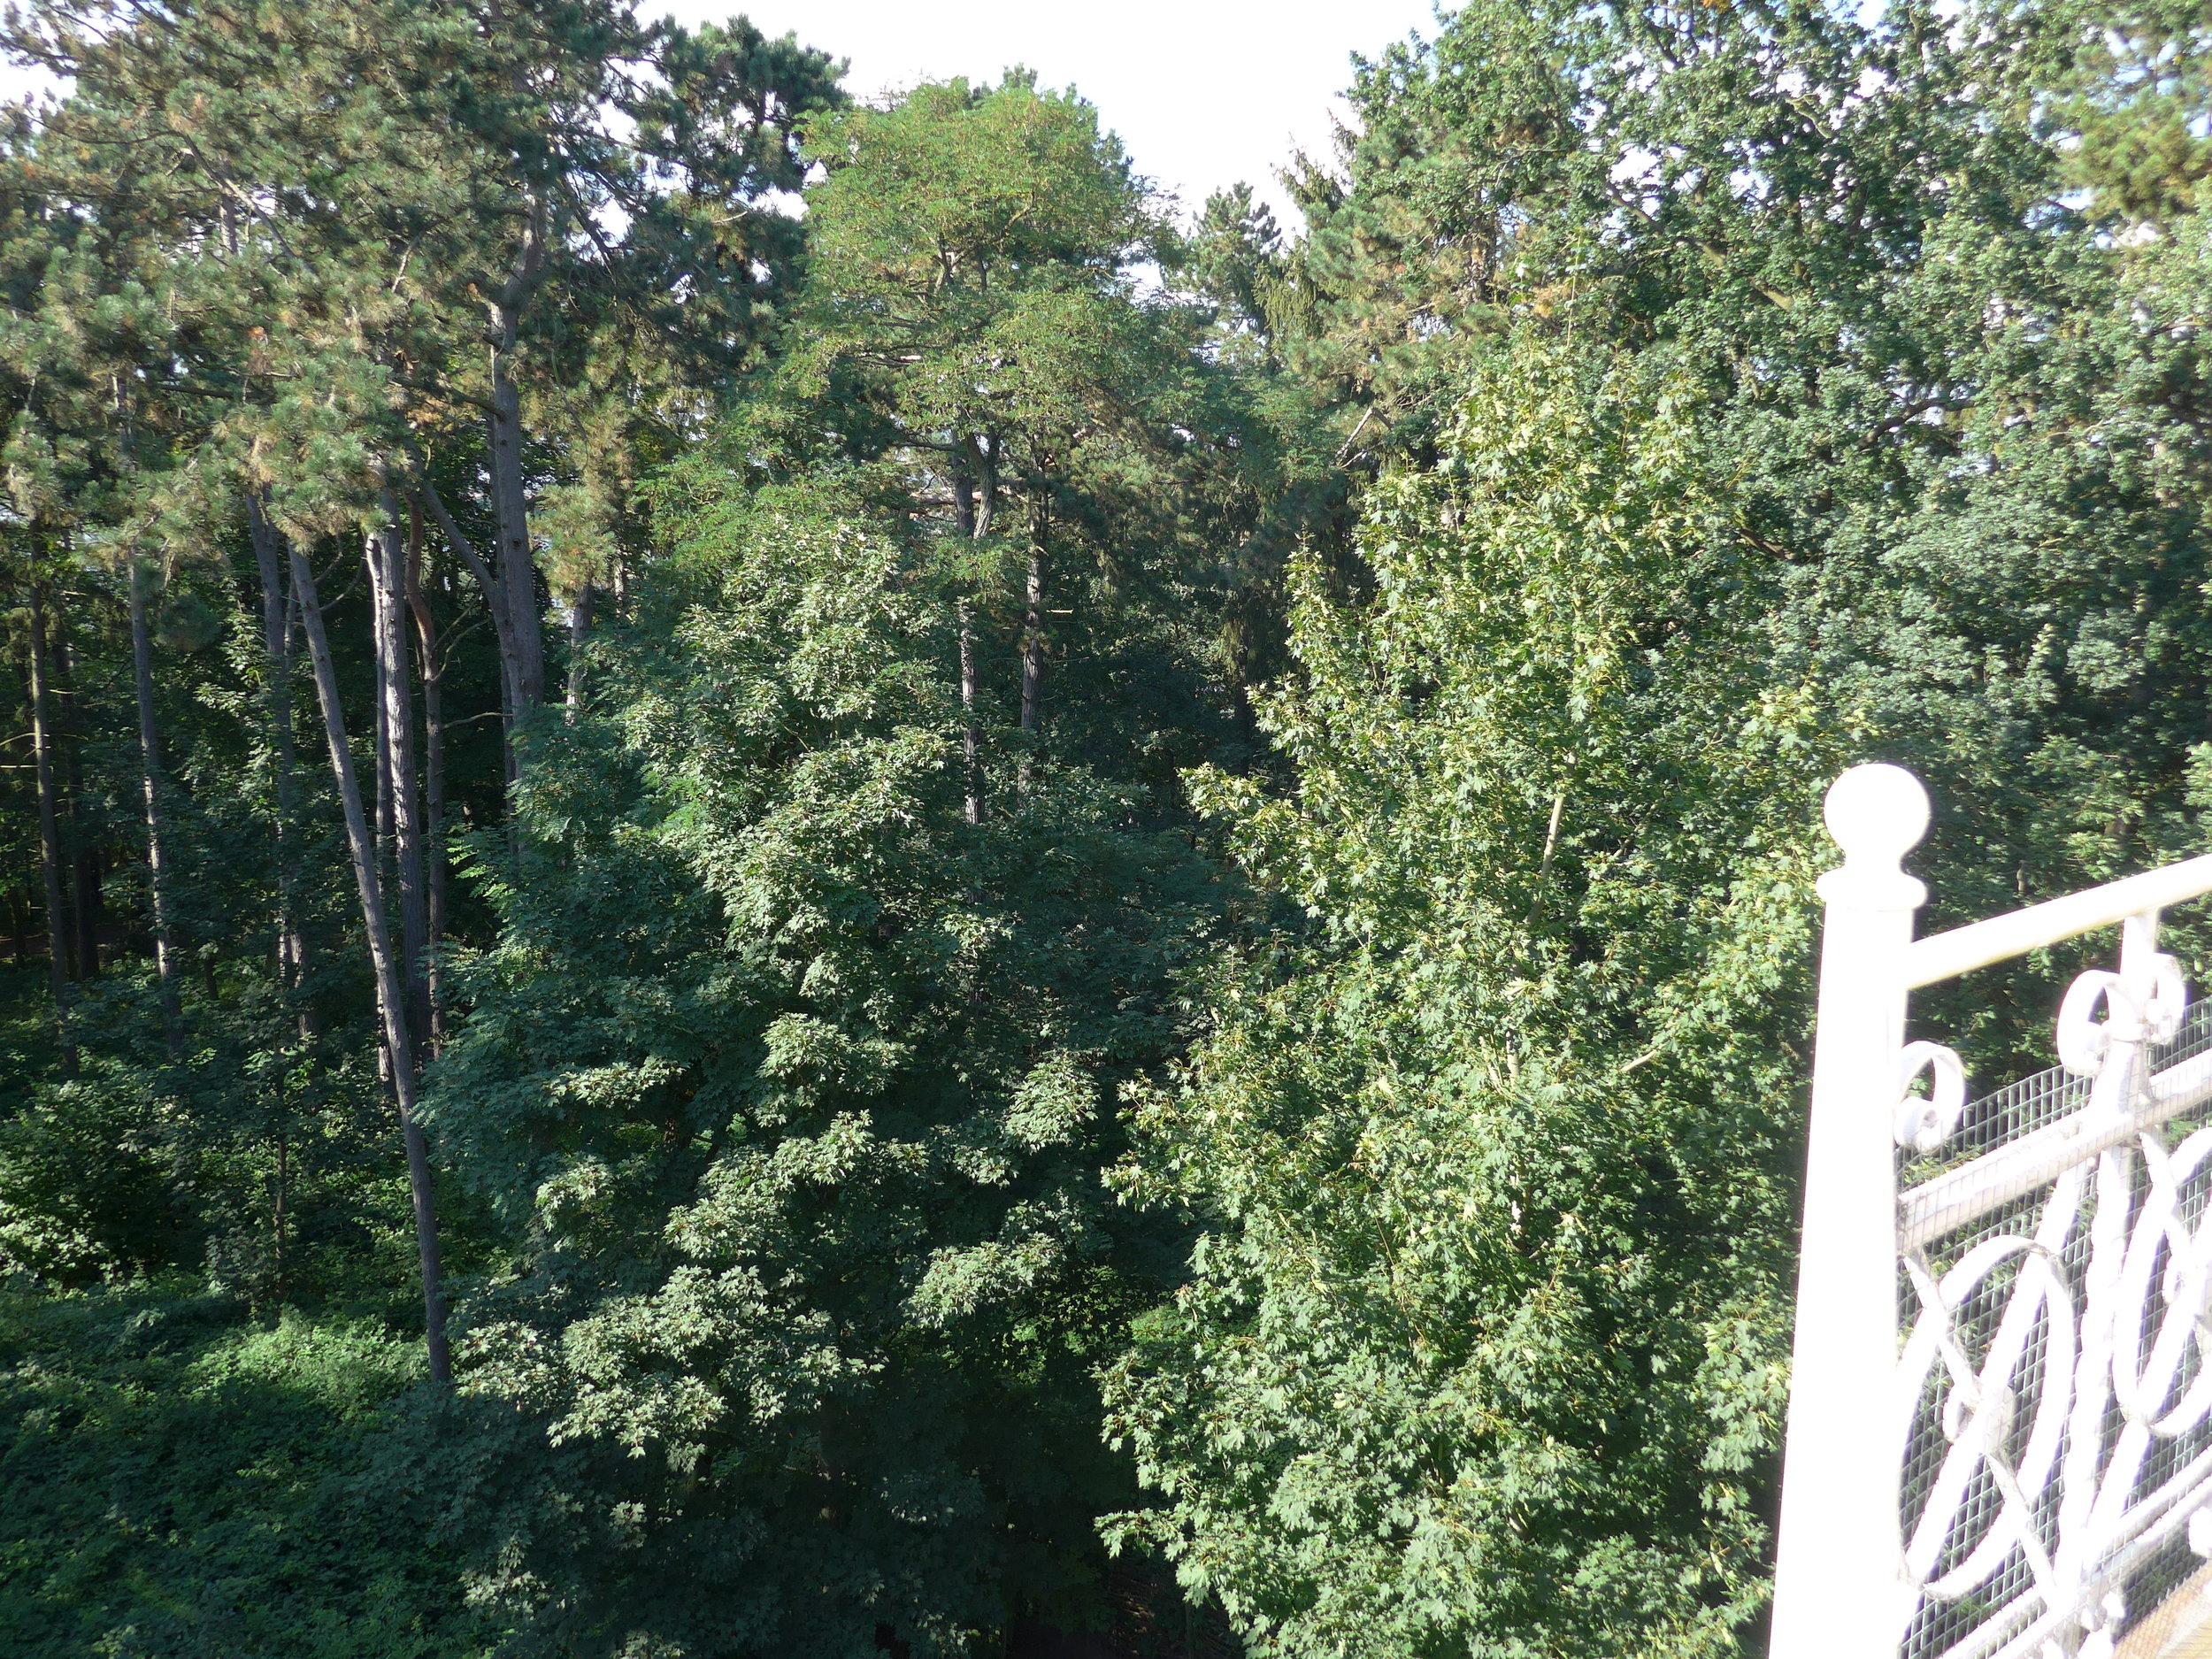 Blick in Baumkronen_2_©BEWAHREN Ferienhaus eG P1020162.jpg